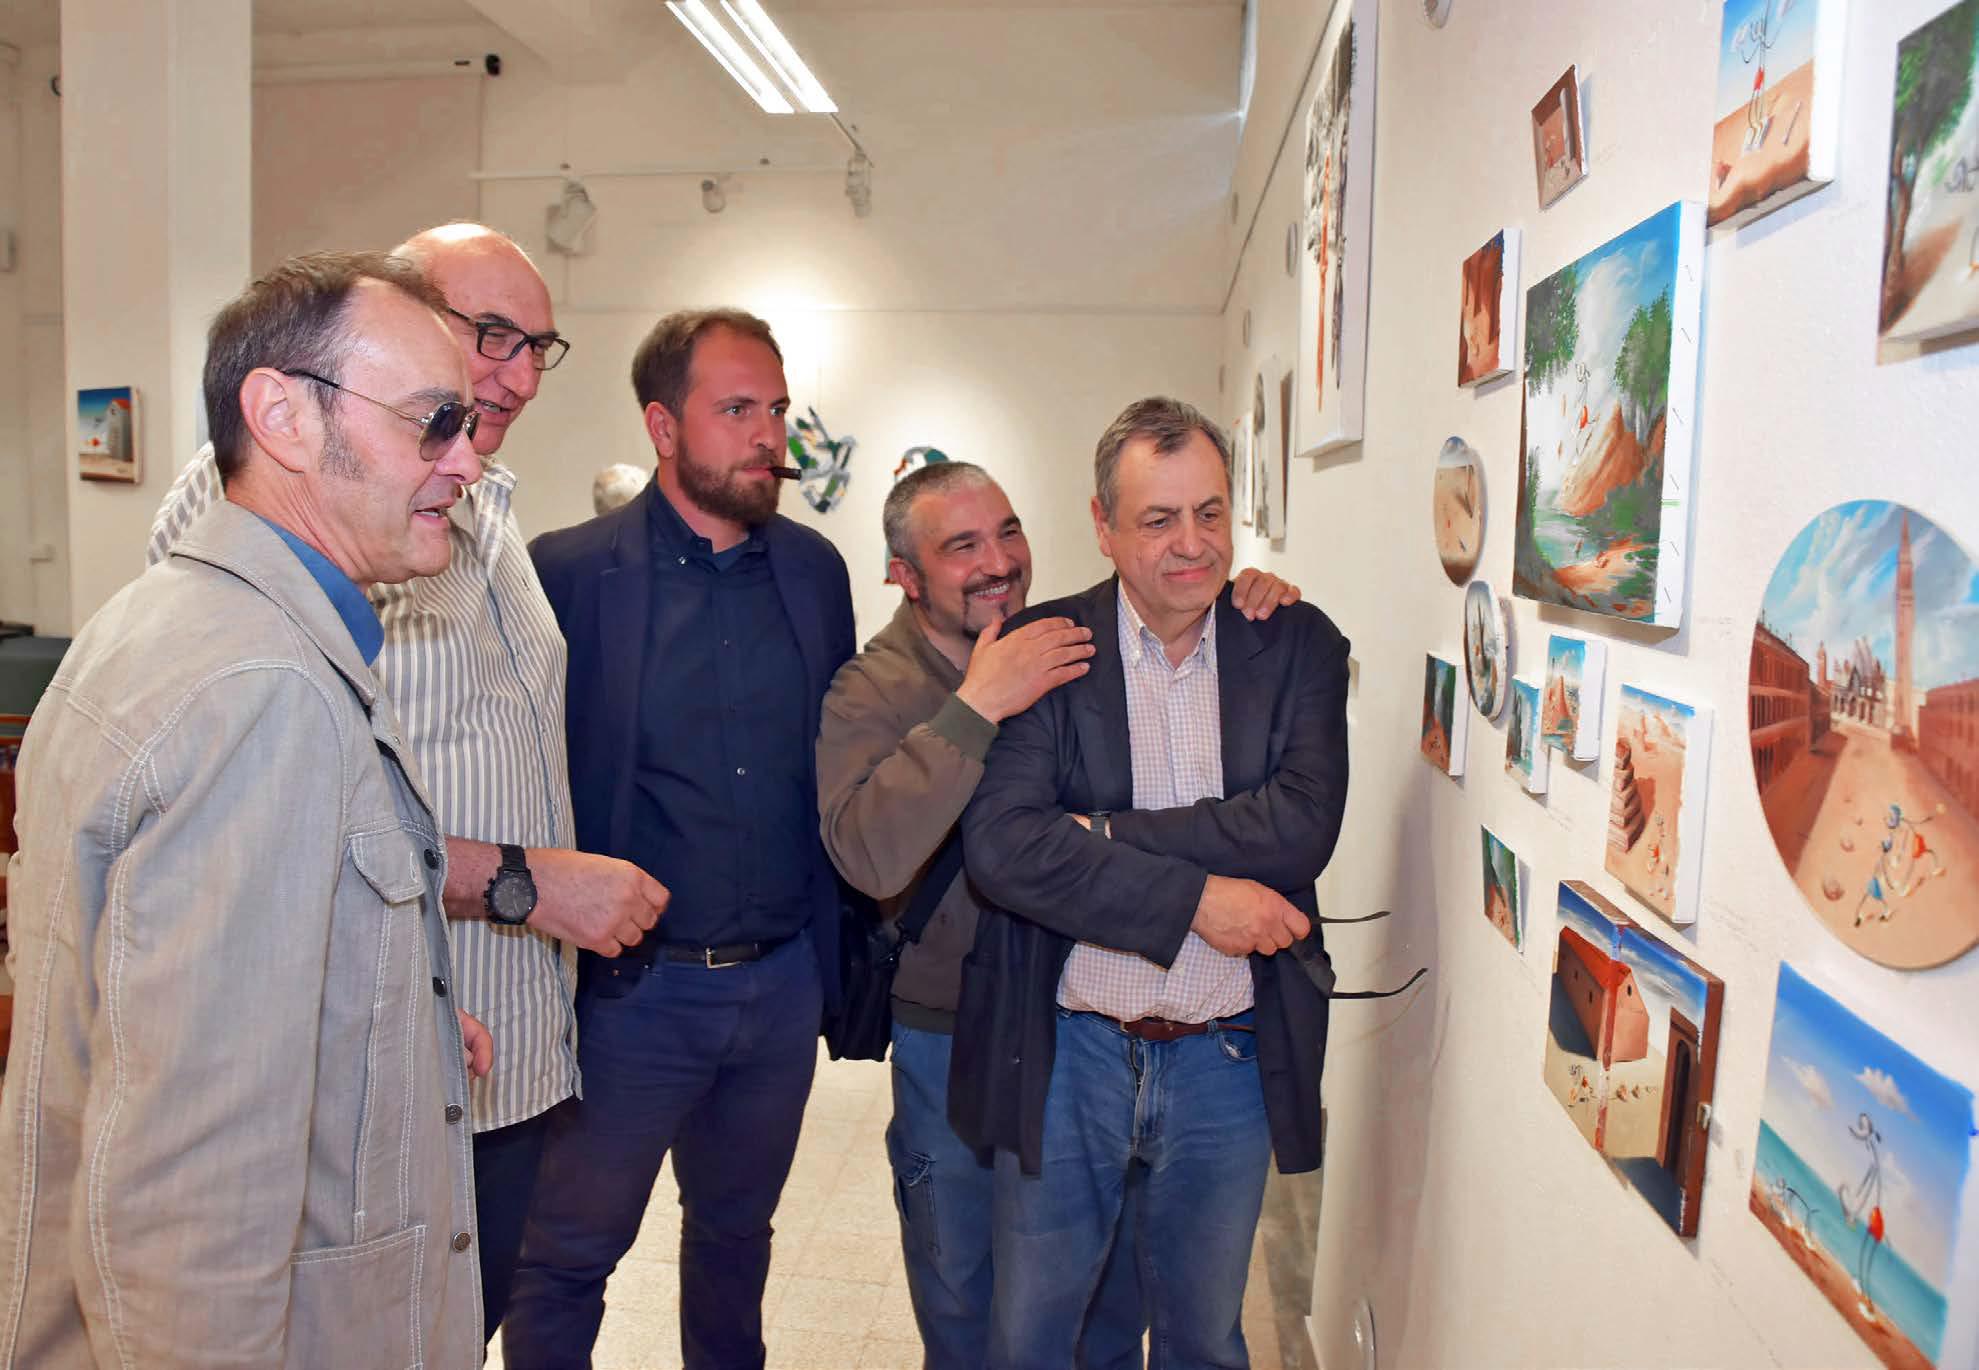 Francesco Garbelli, Dario Brevi, Tommaso Chiappa, Davide Ferro, Gianni Cella